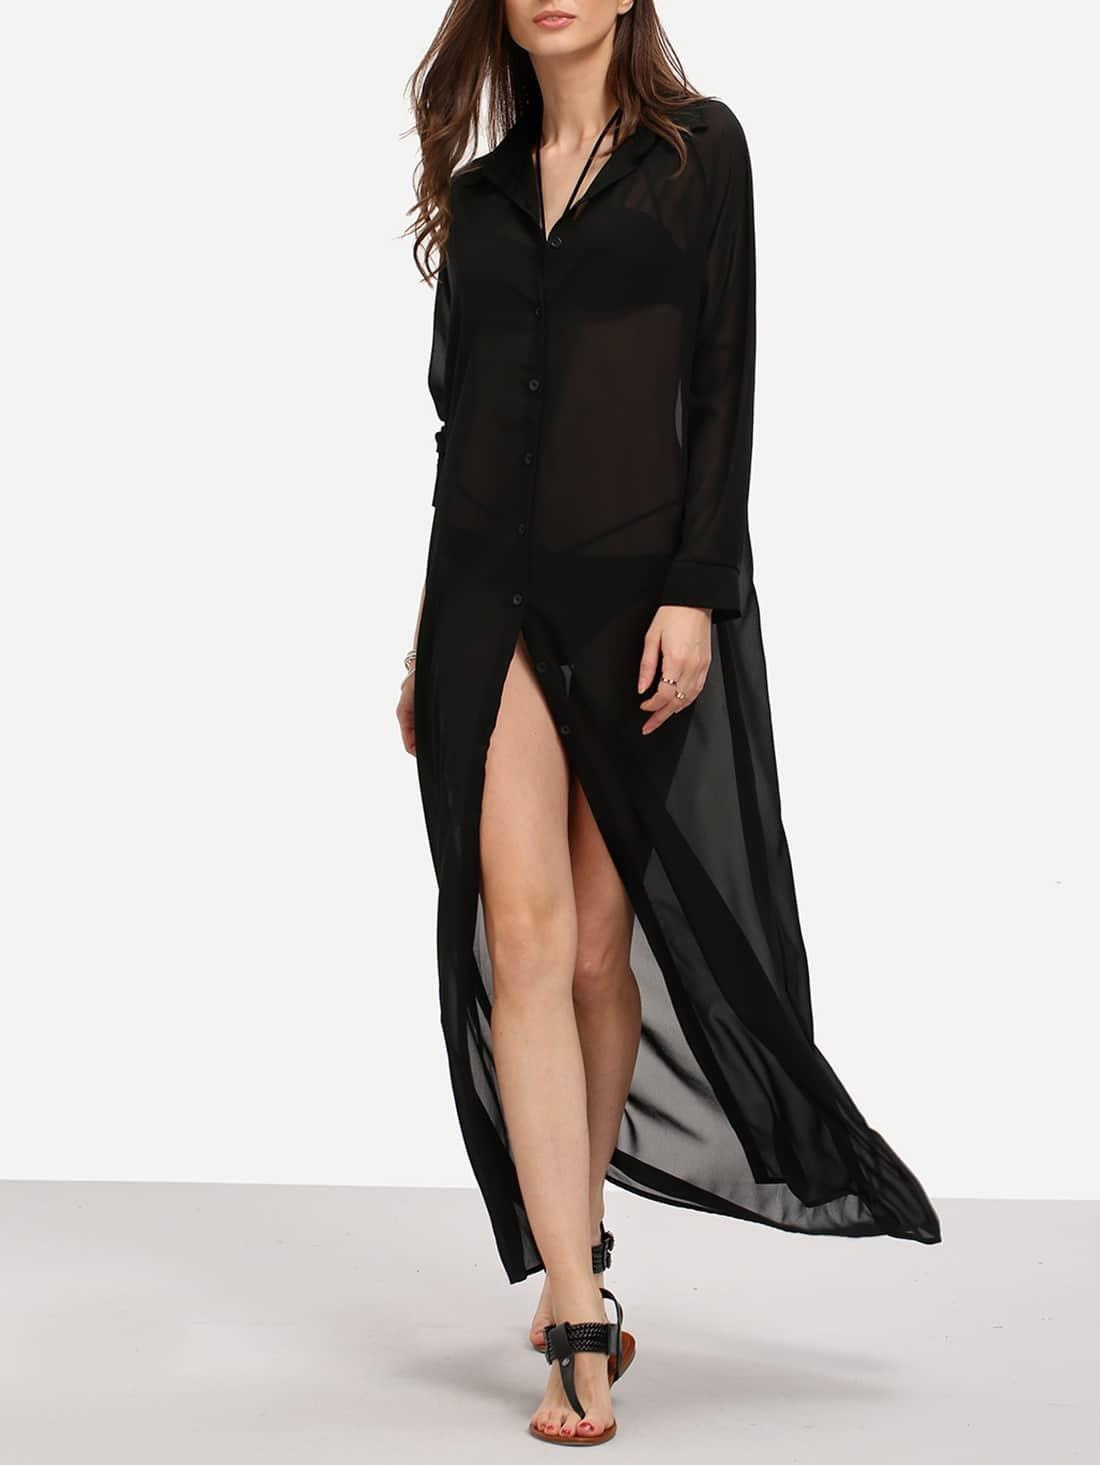 Black Chiffon Maxi Shirt Dress -SheIn(Sheinside)